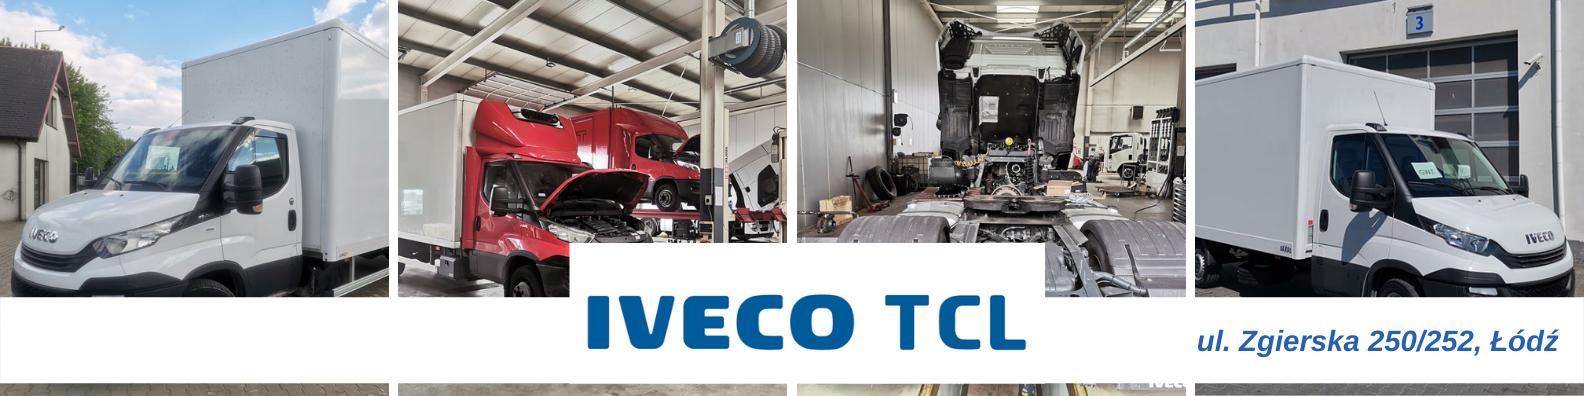 Autoryzowany serwis Iveco